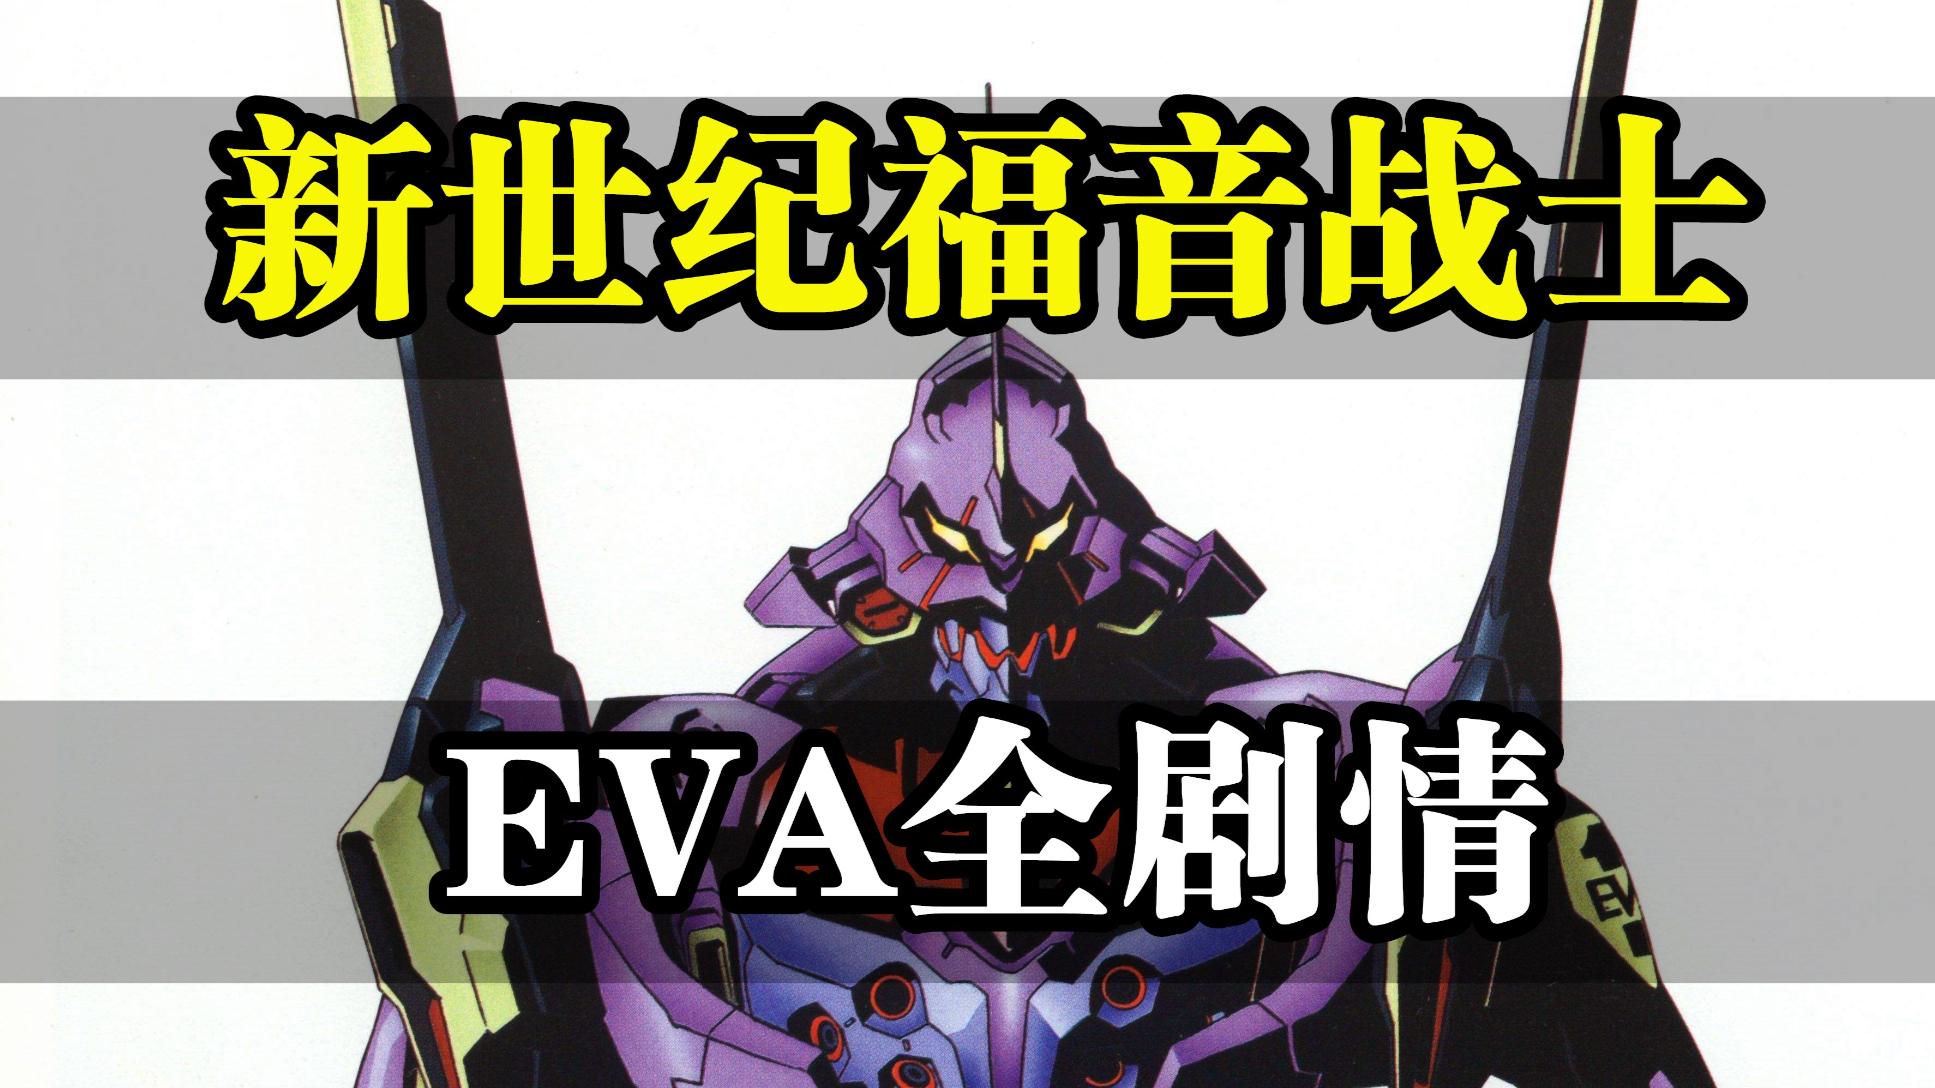 一口气看完《EVA》!吹爆童年神作!你看懂了吗?